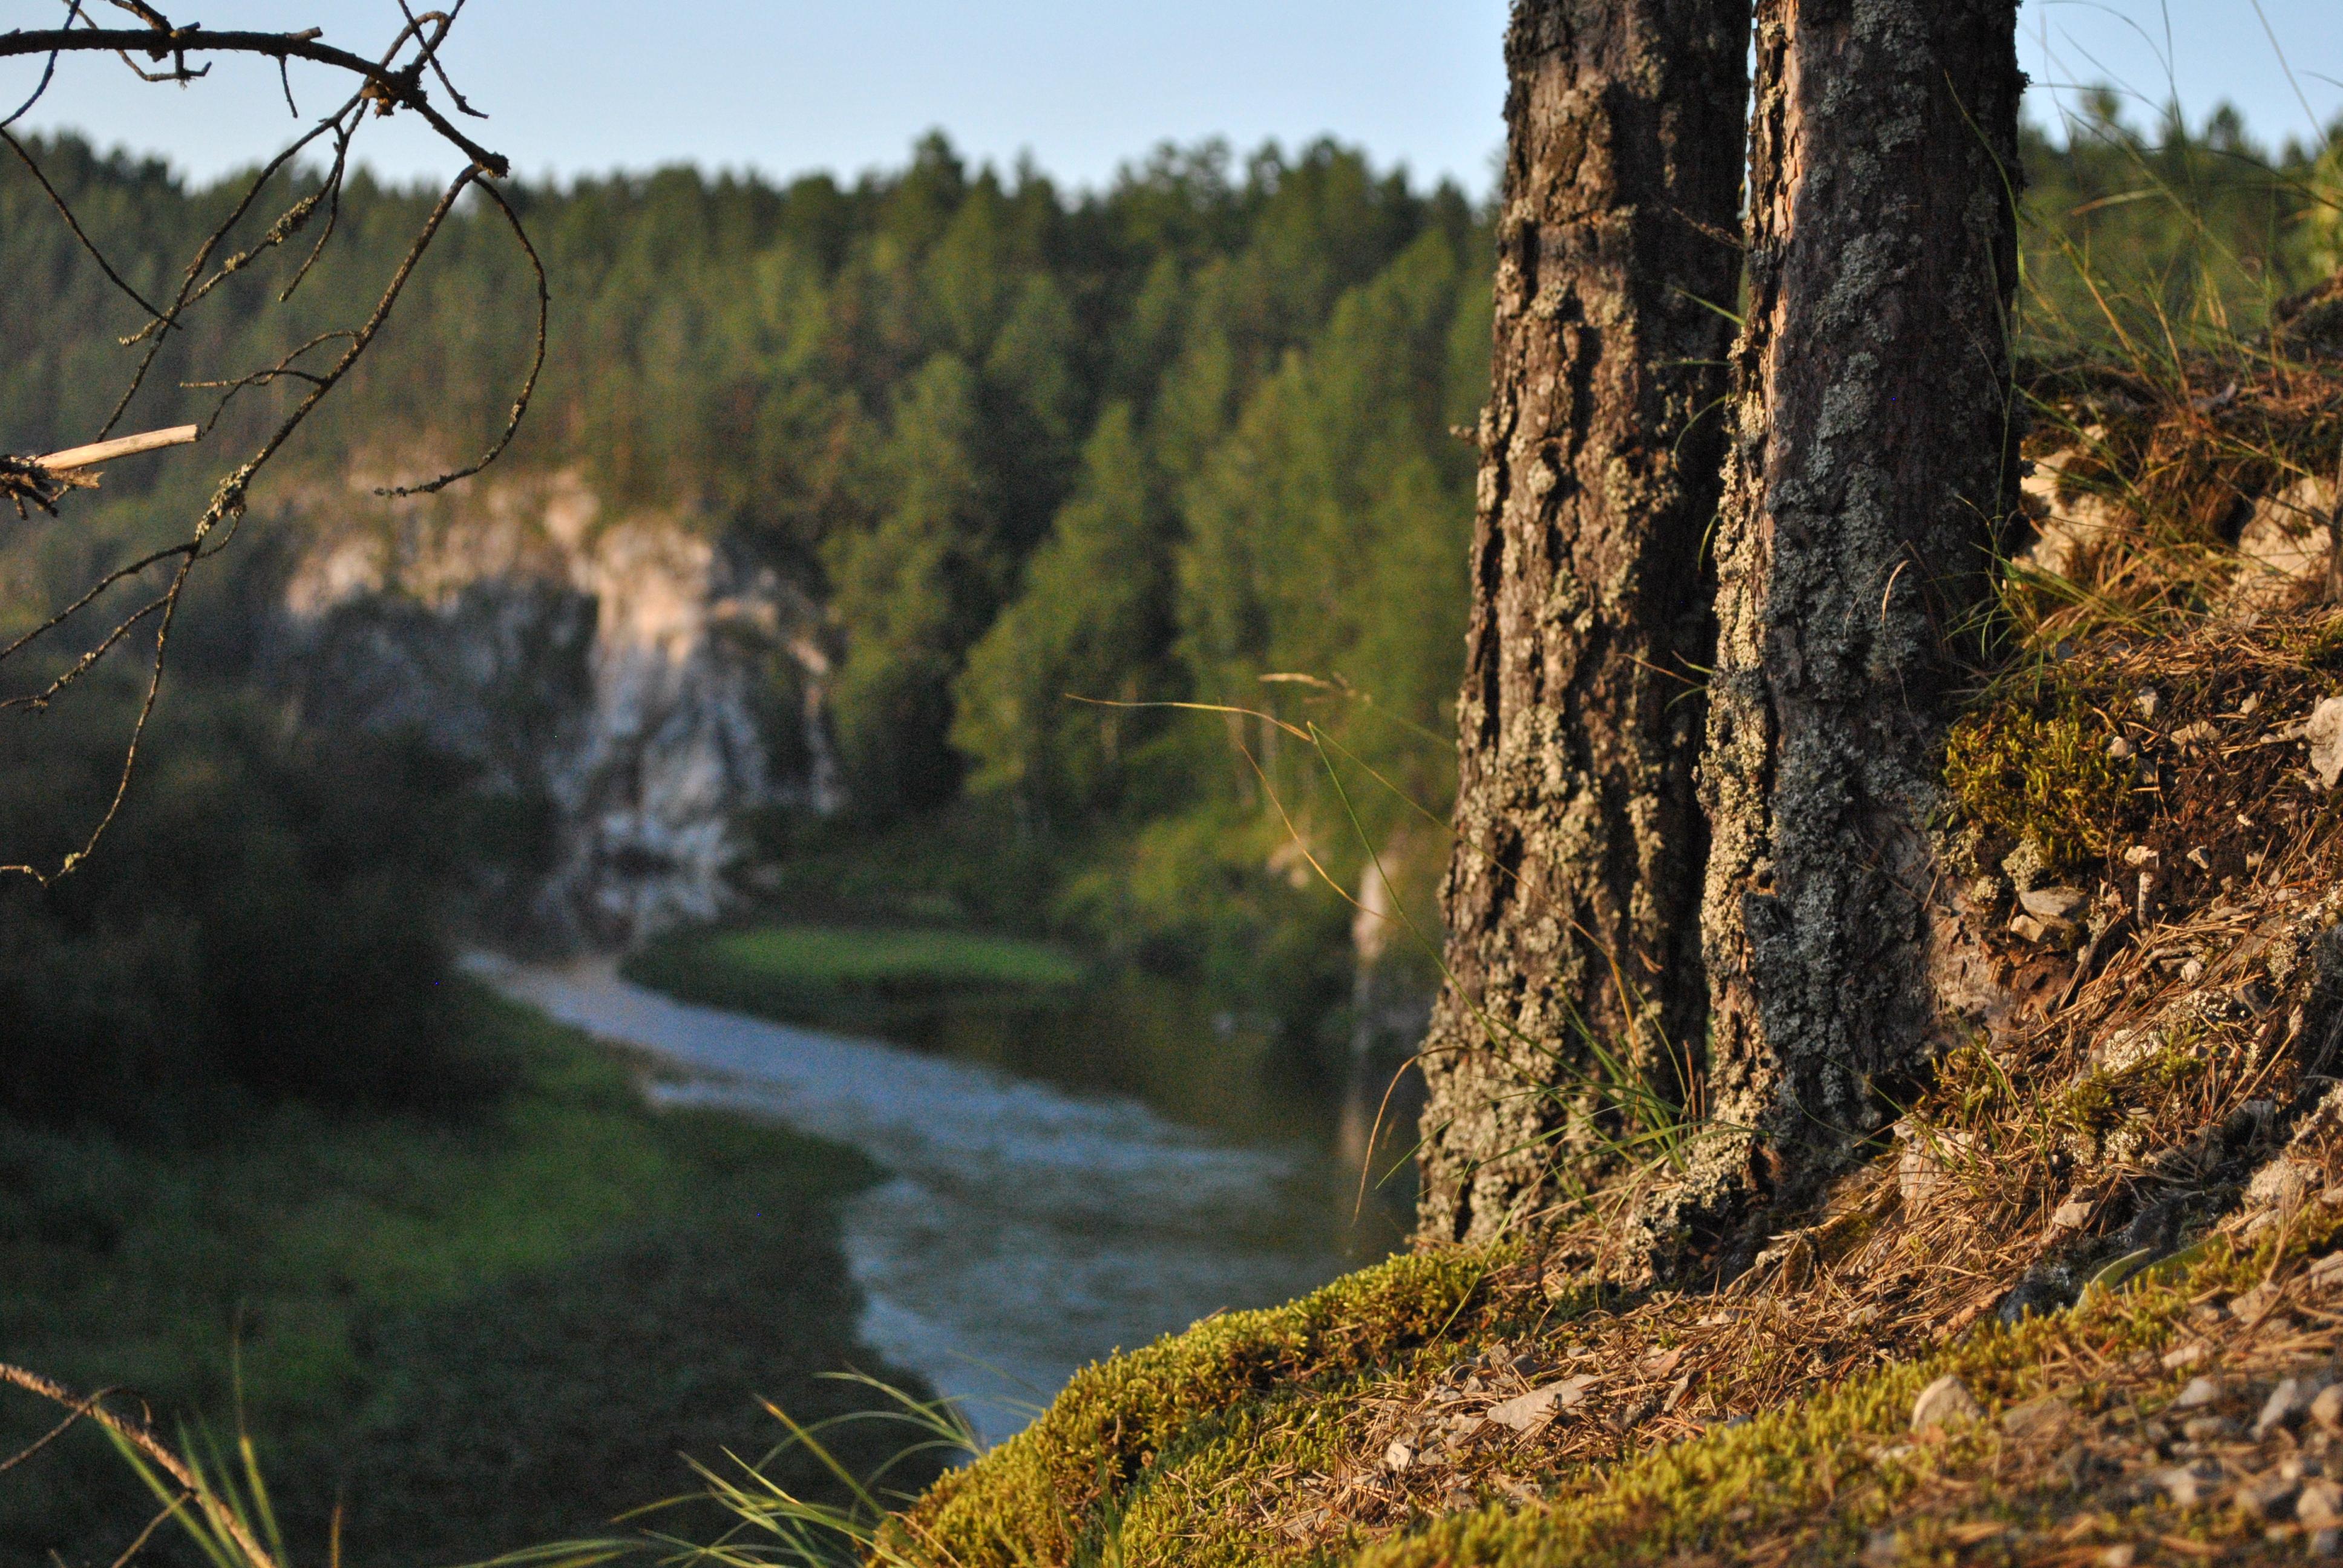 Свердловская область, река Серги, отдых на природе, природный парк, Оленьи ручьи, история, Средний Урал